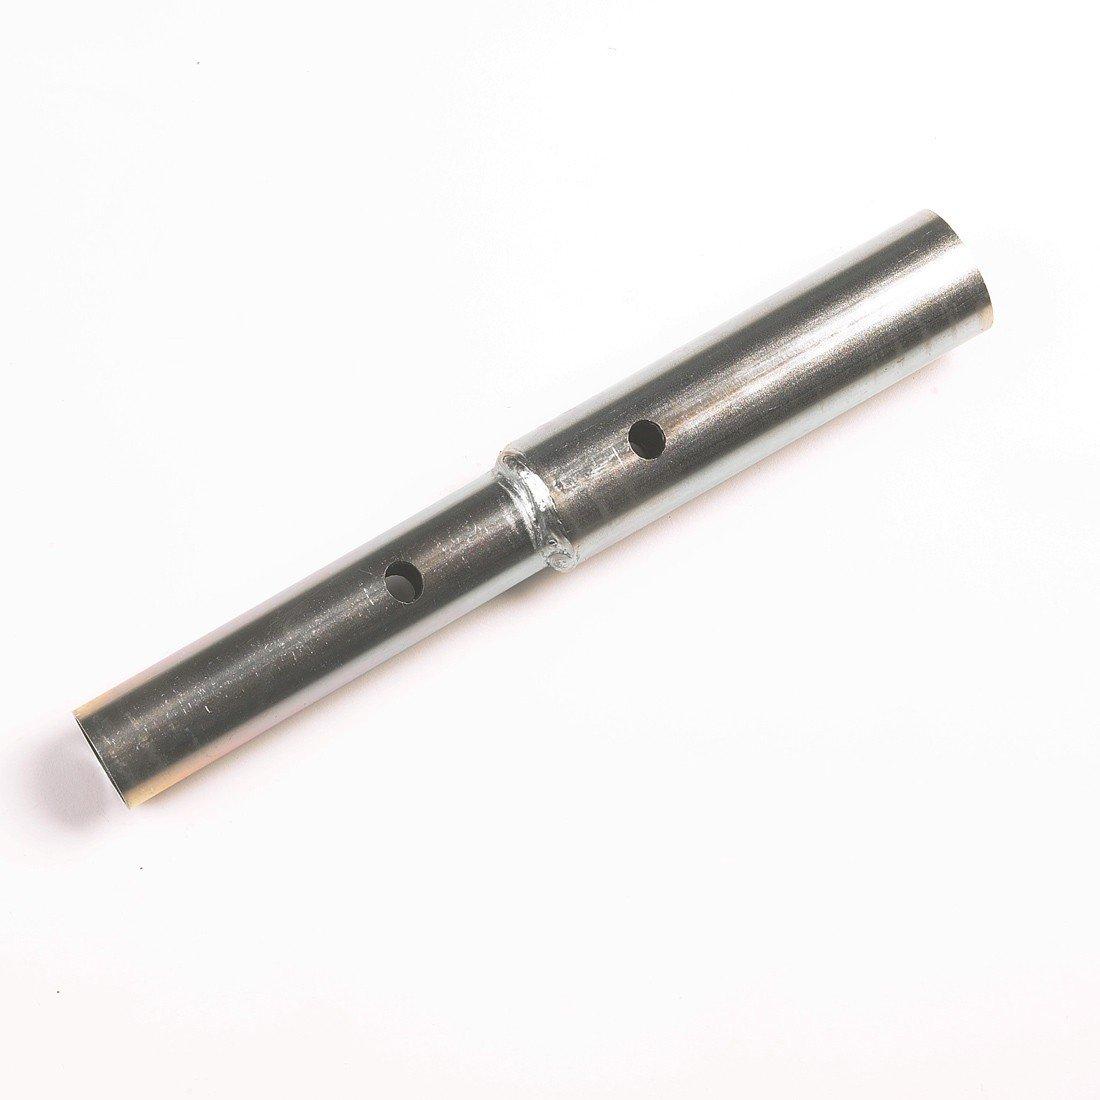 Adaptateur de mat ST-A28-A35 mâle / mâle 28mm vers 35mm